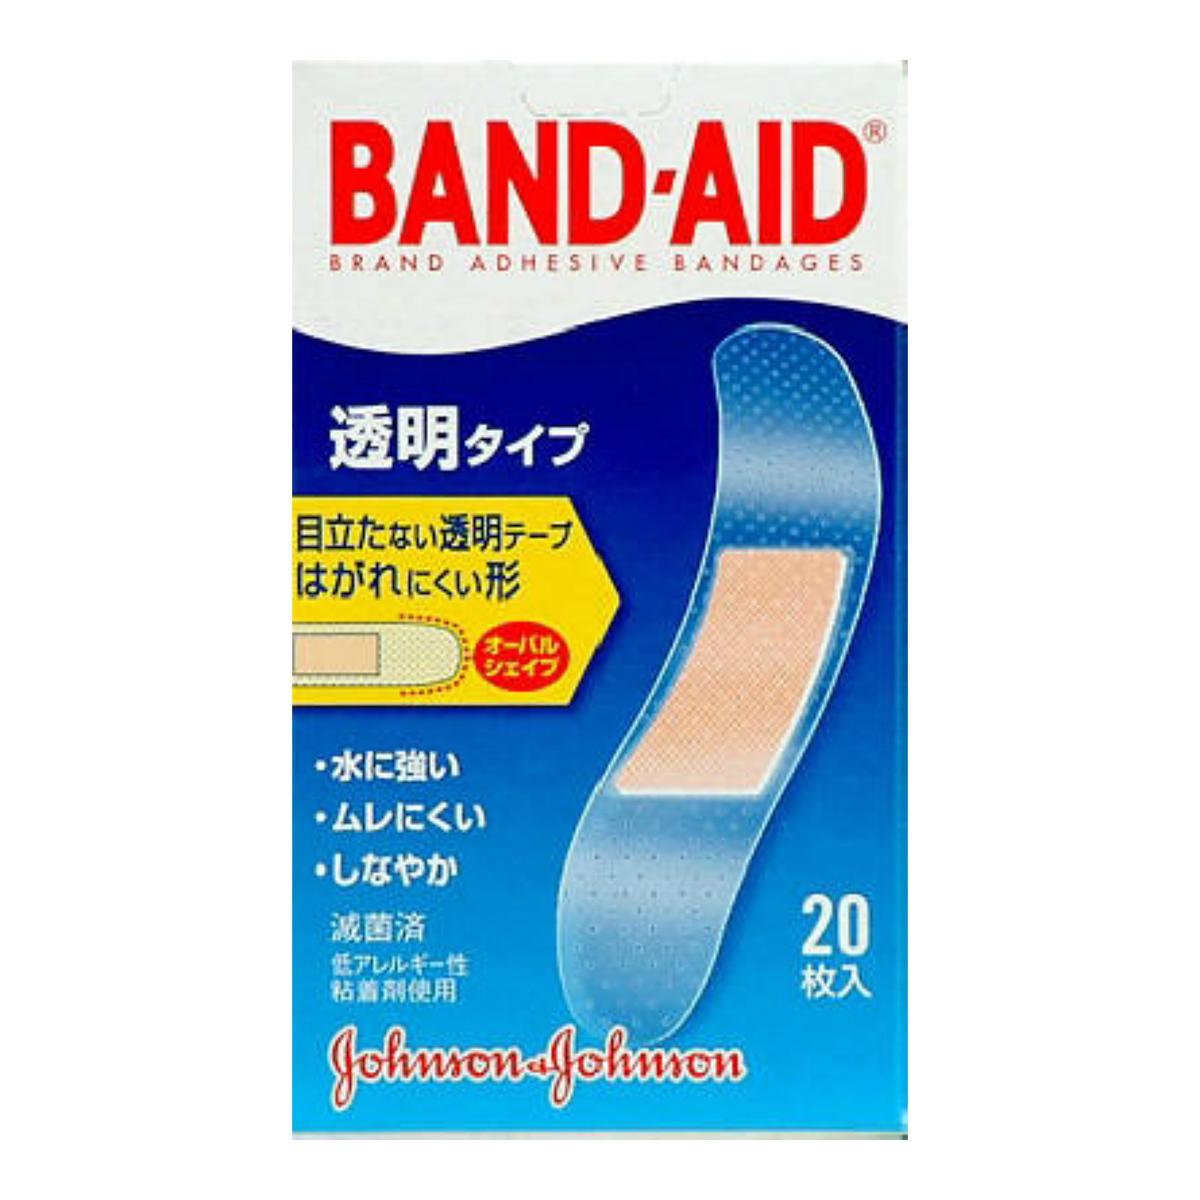 【送料無料】ジョンソン バンドエイド2011 透明 20枚×72点セット まとめ買い特価!ケース販売 ( 4901730020114 )